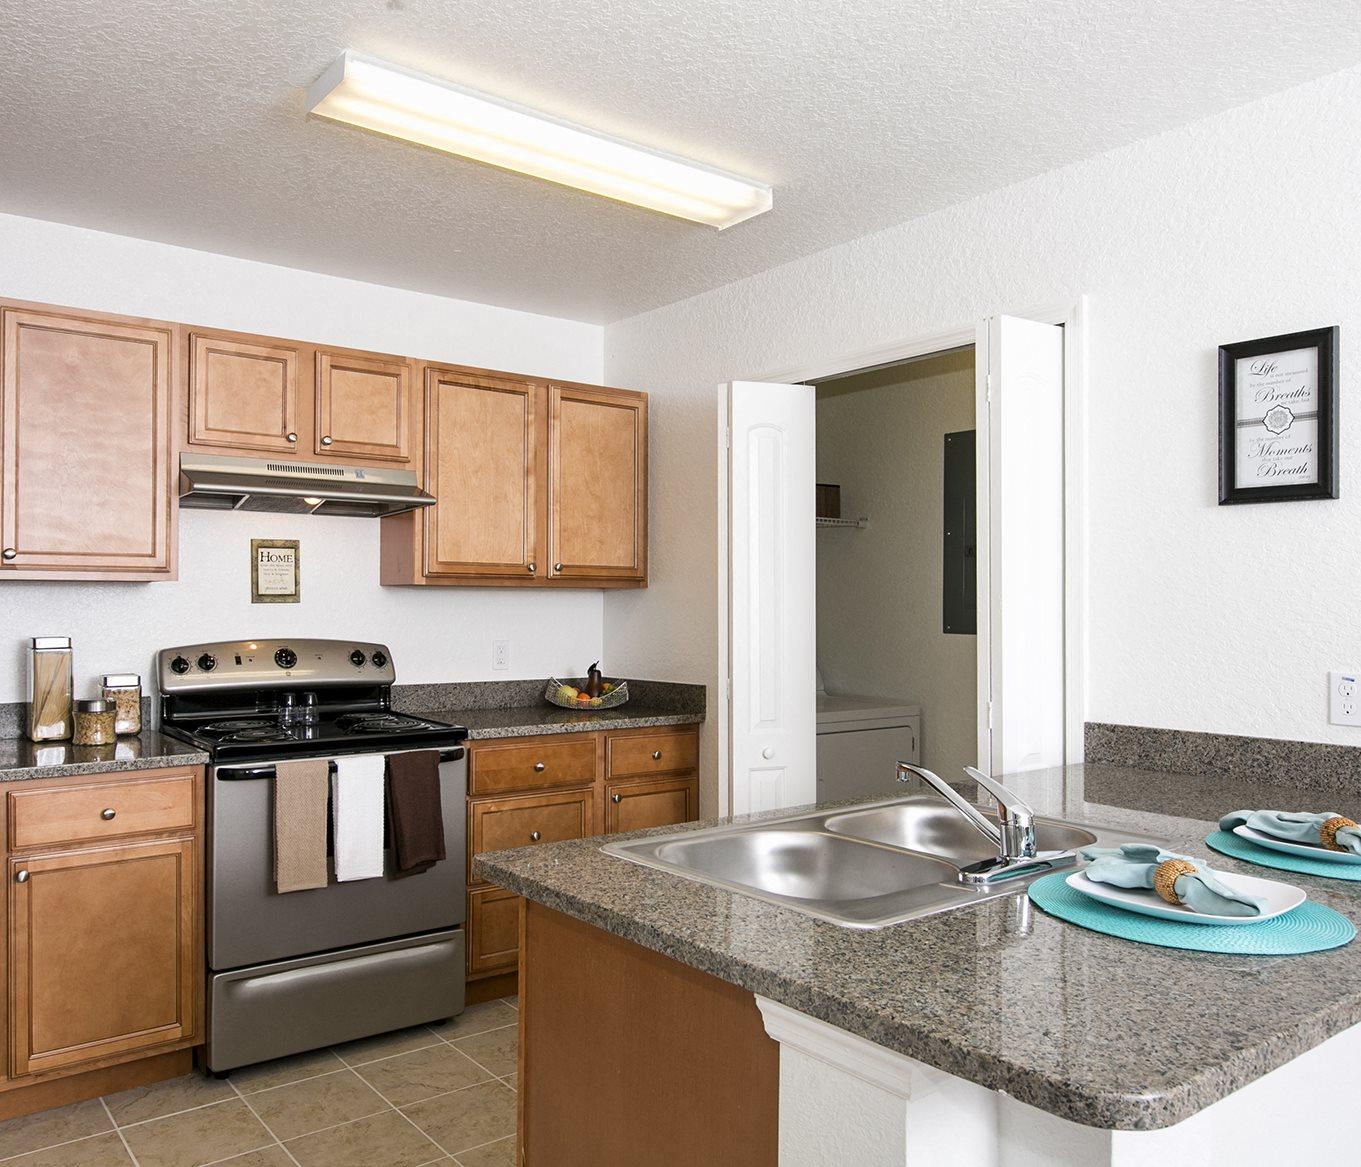 Apartments In Debary Fl Saxon Cove Apartments Concord